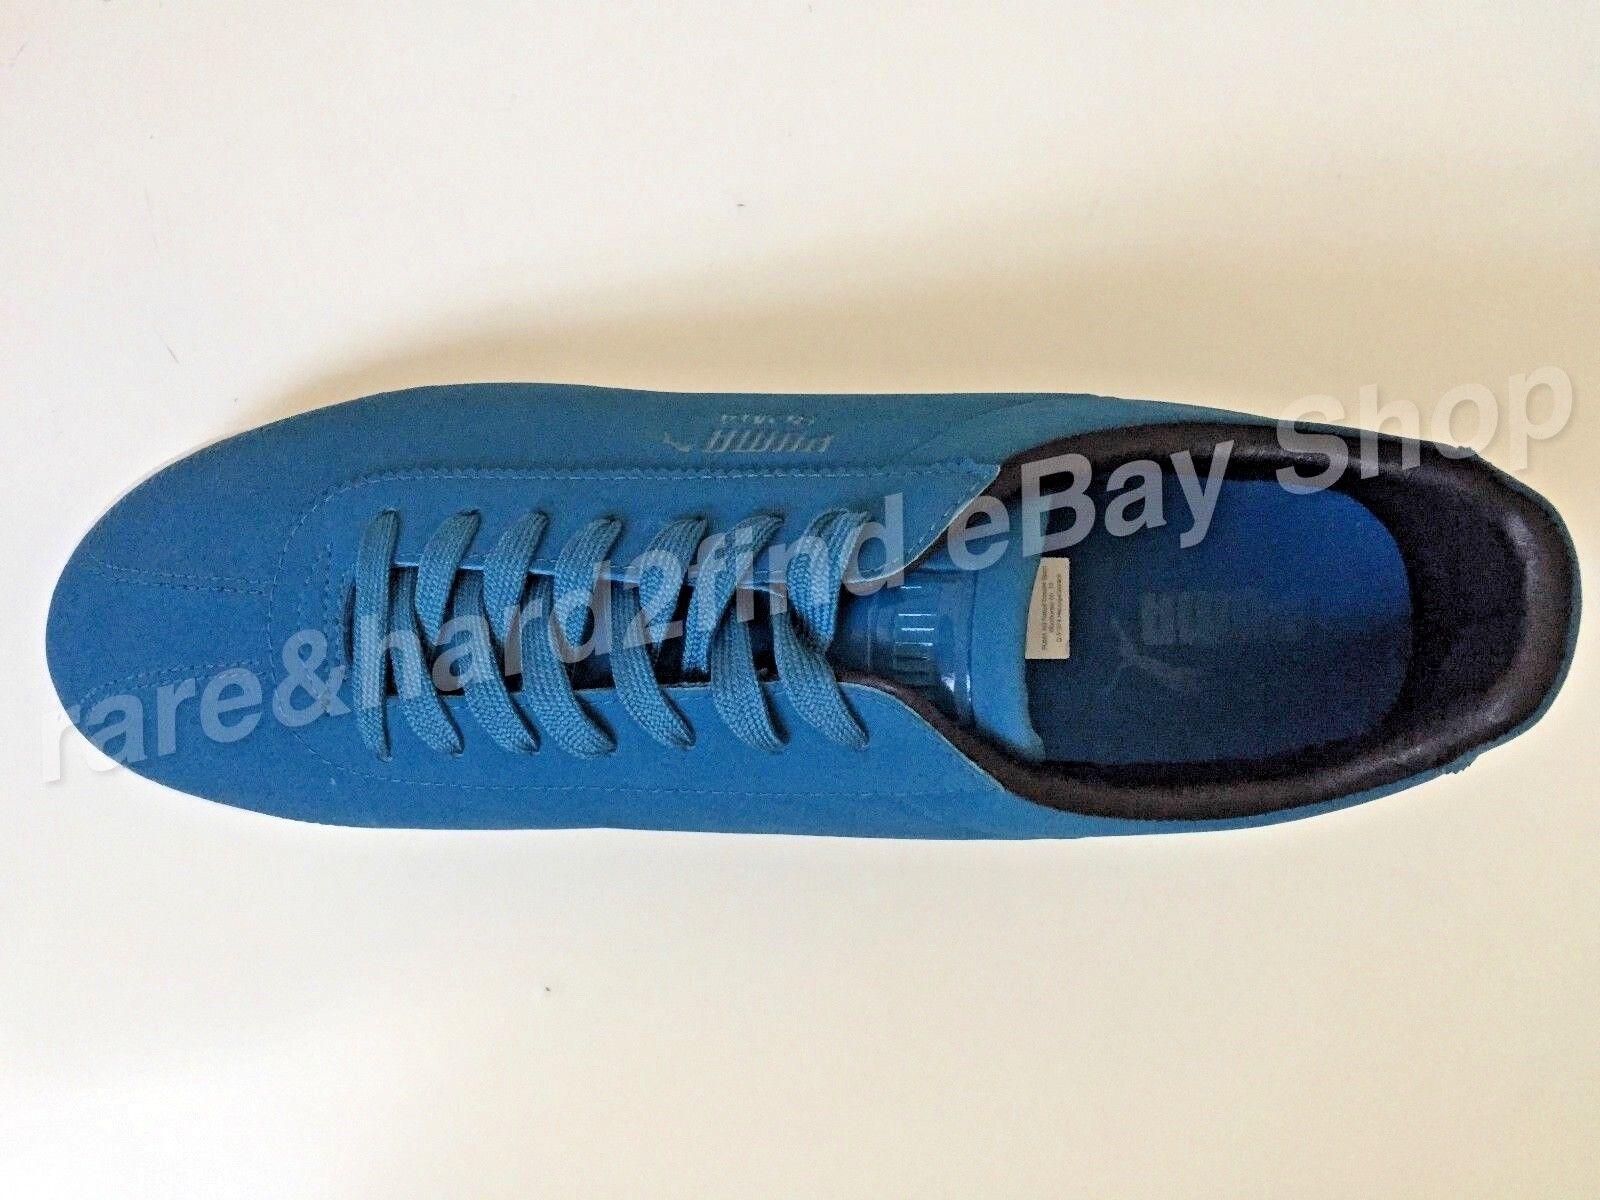 Puma ROMA CC 352617 Dead 03 Seaport (Bleu) blanc11 RARE Dead 352617 stock f74017